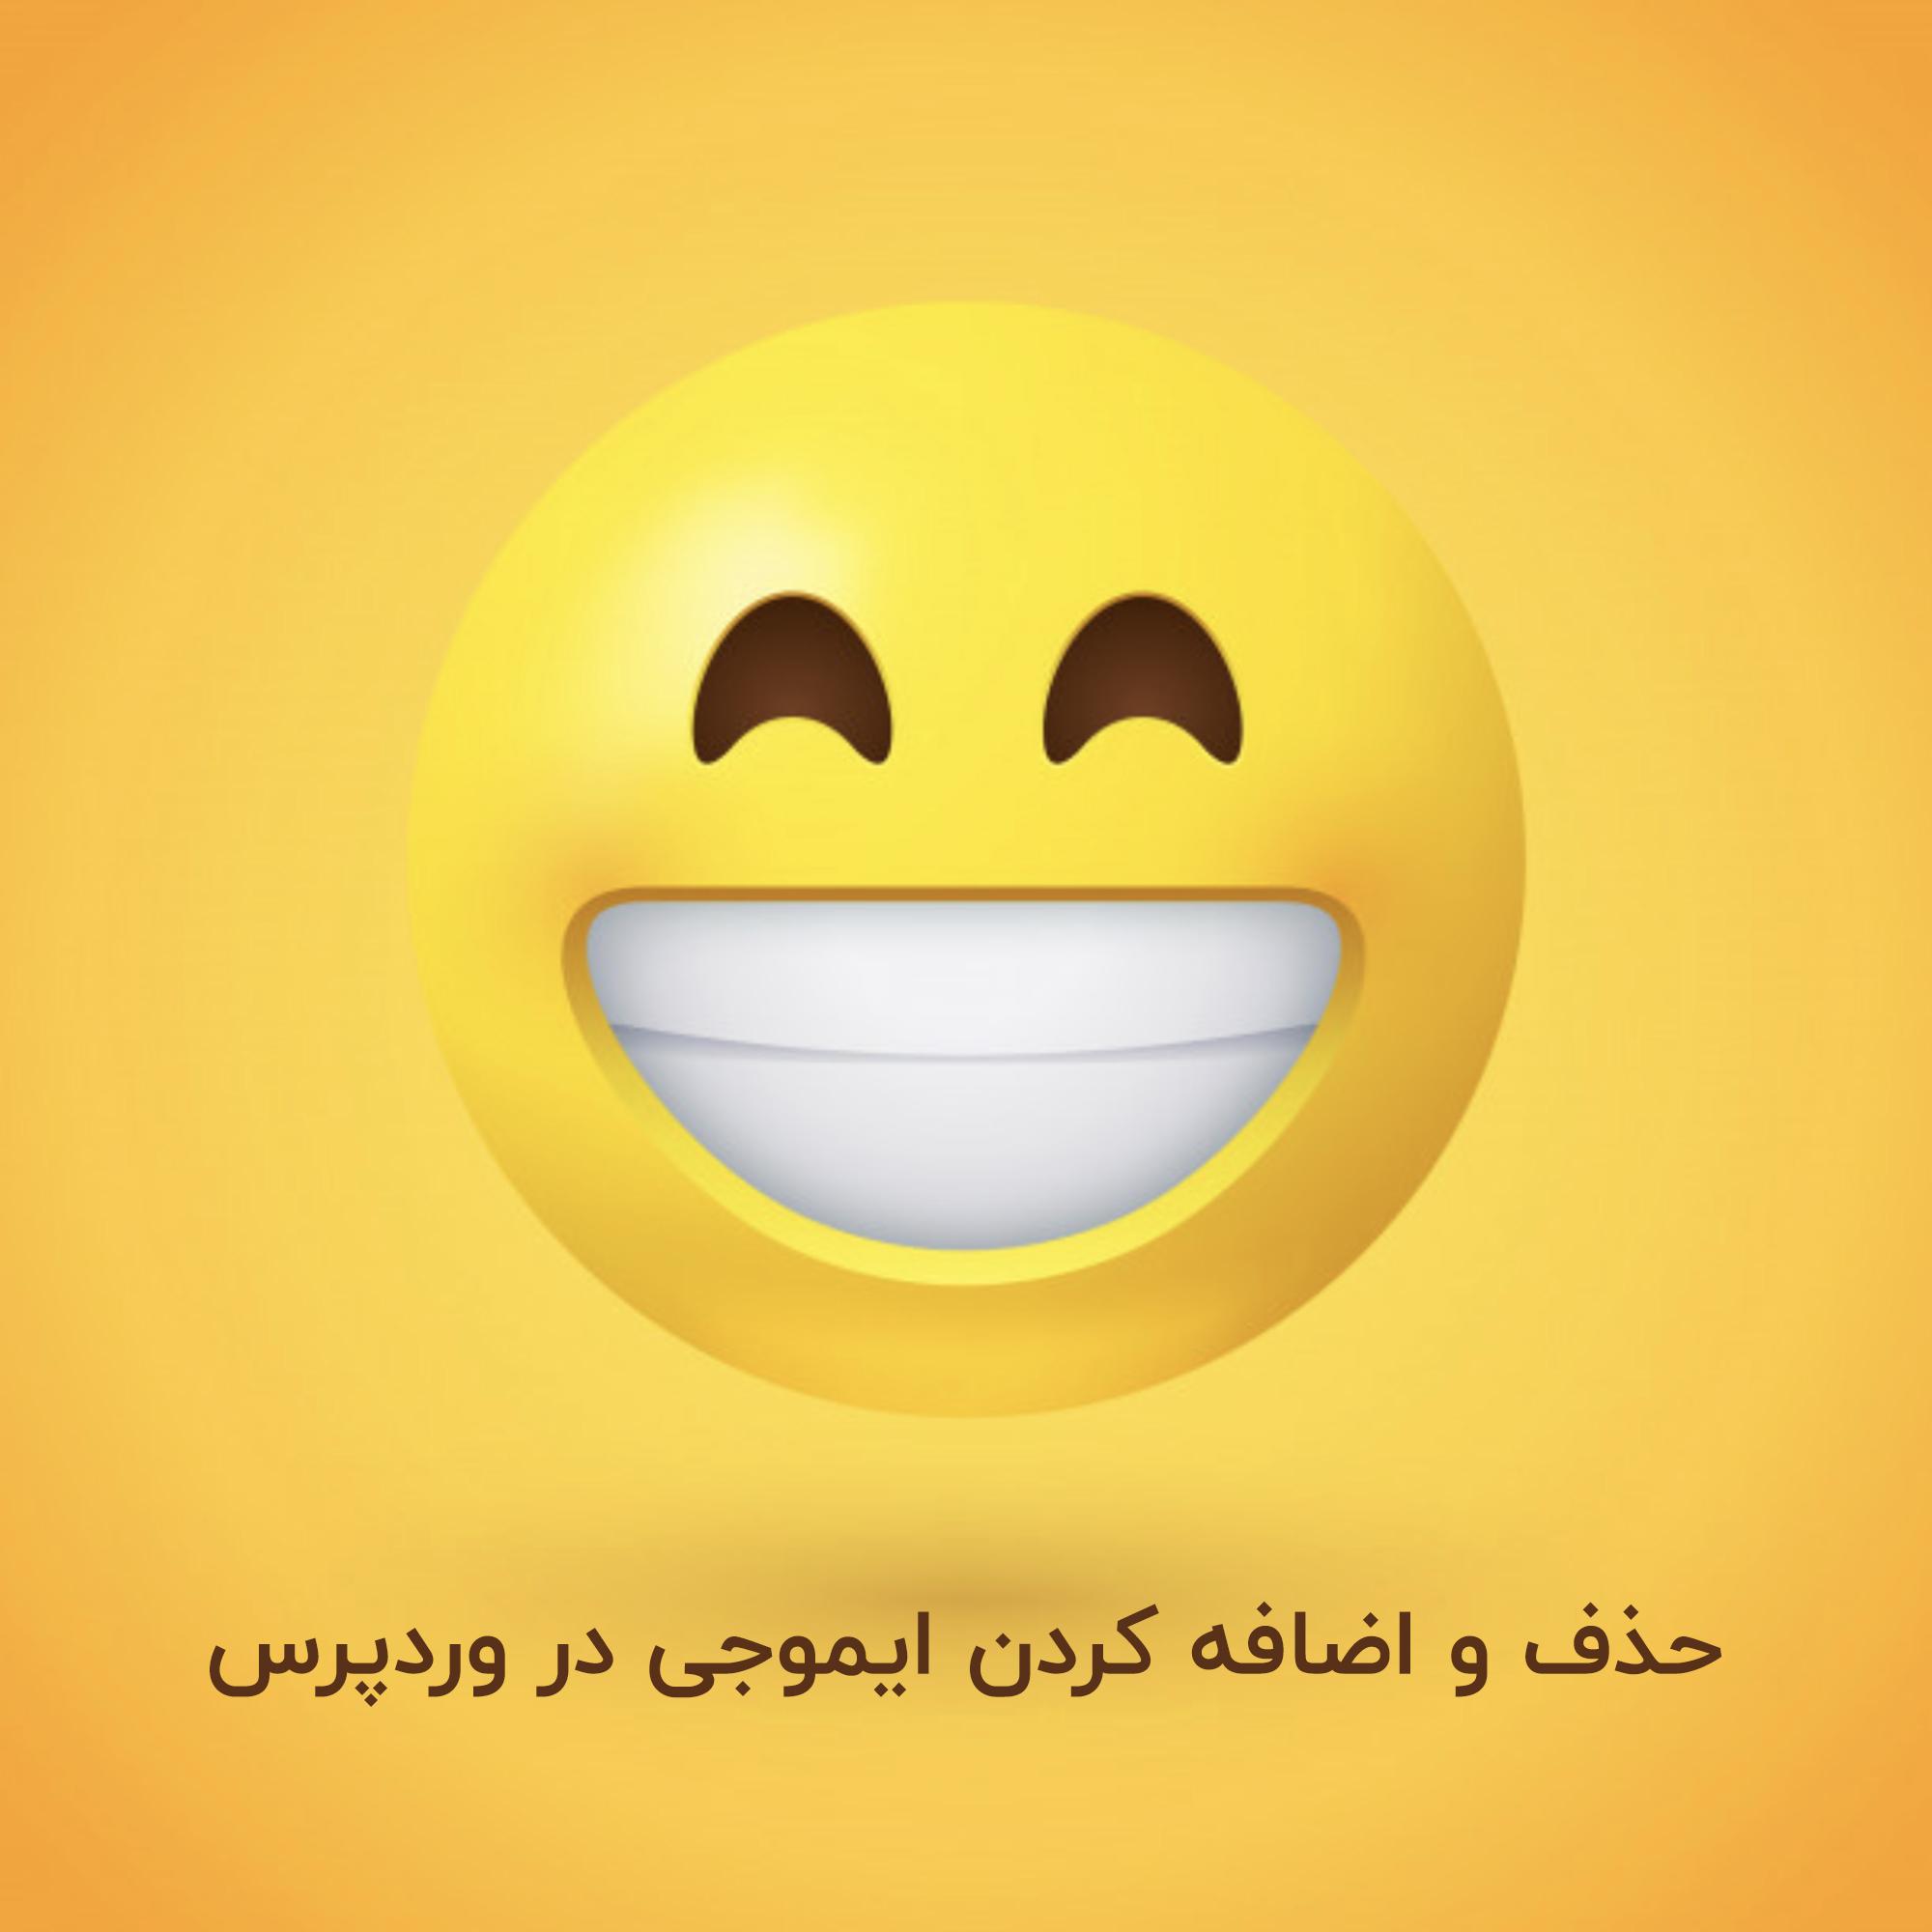 اضافه کردن ایموجی به وردپرس با Native Emoji